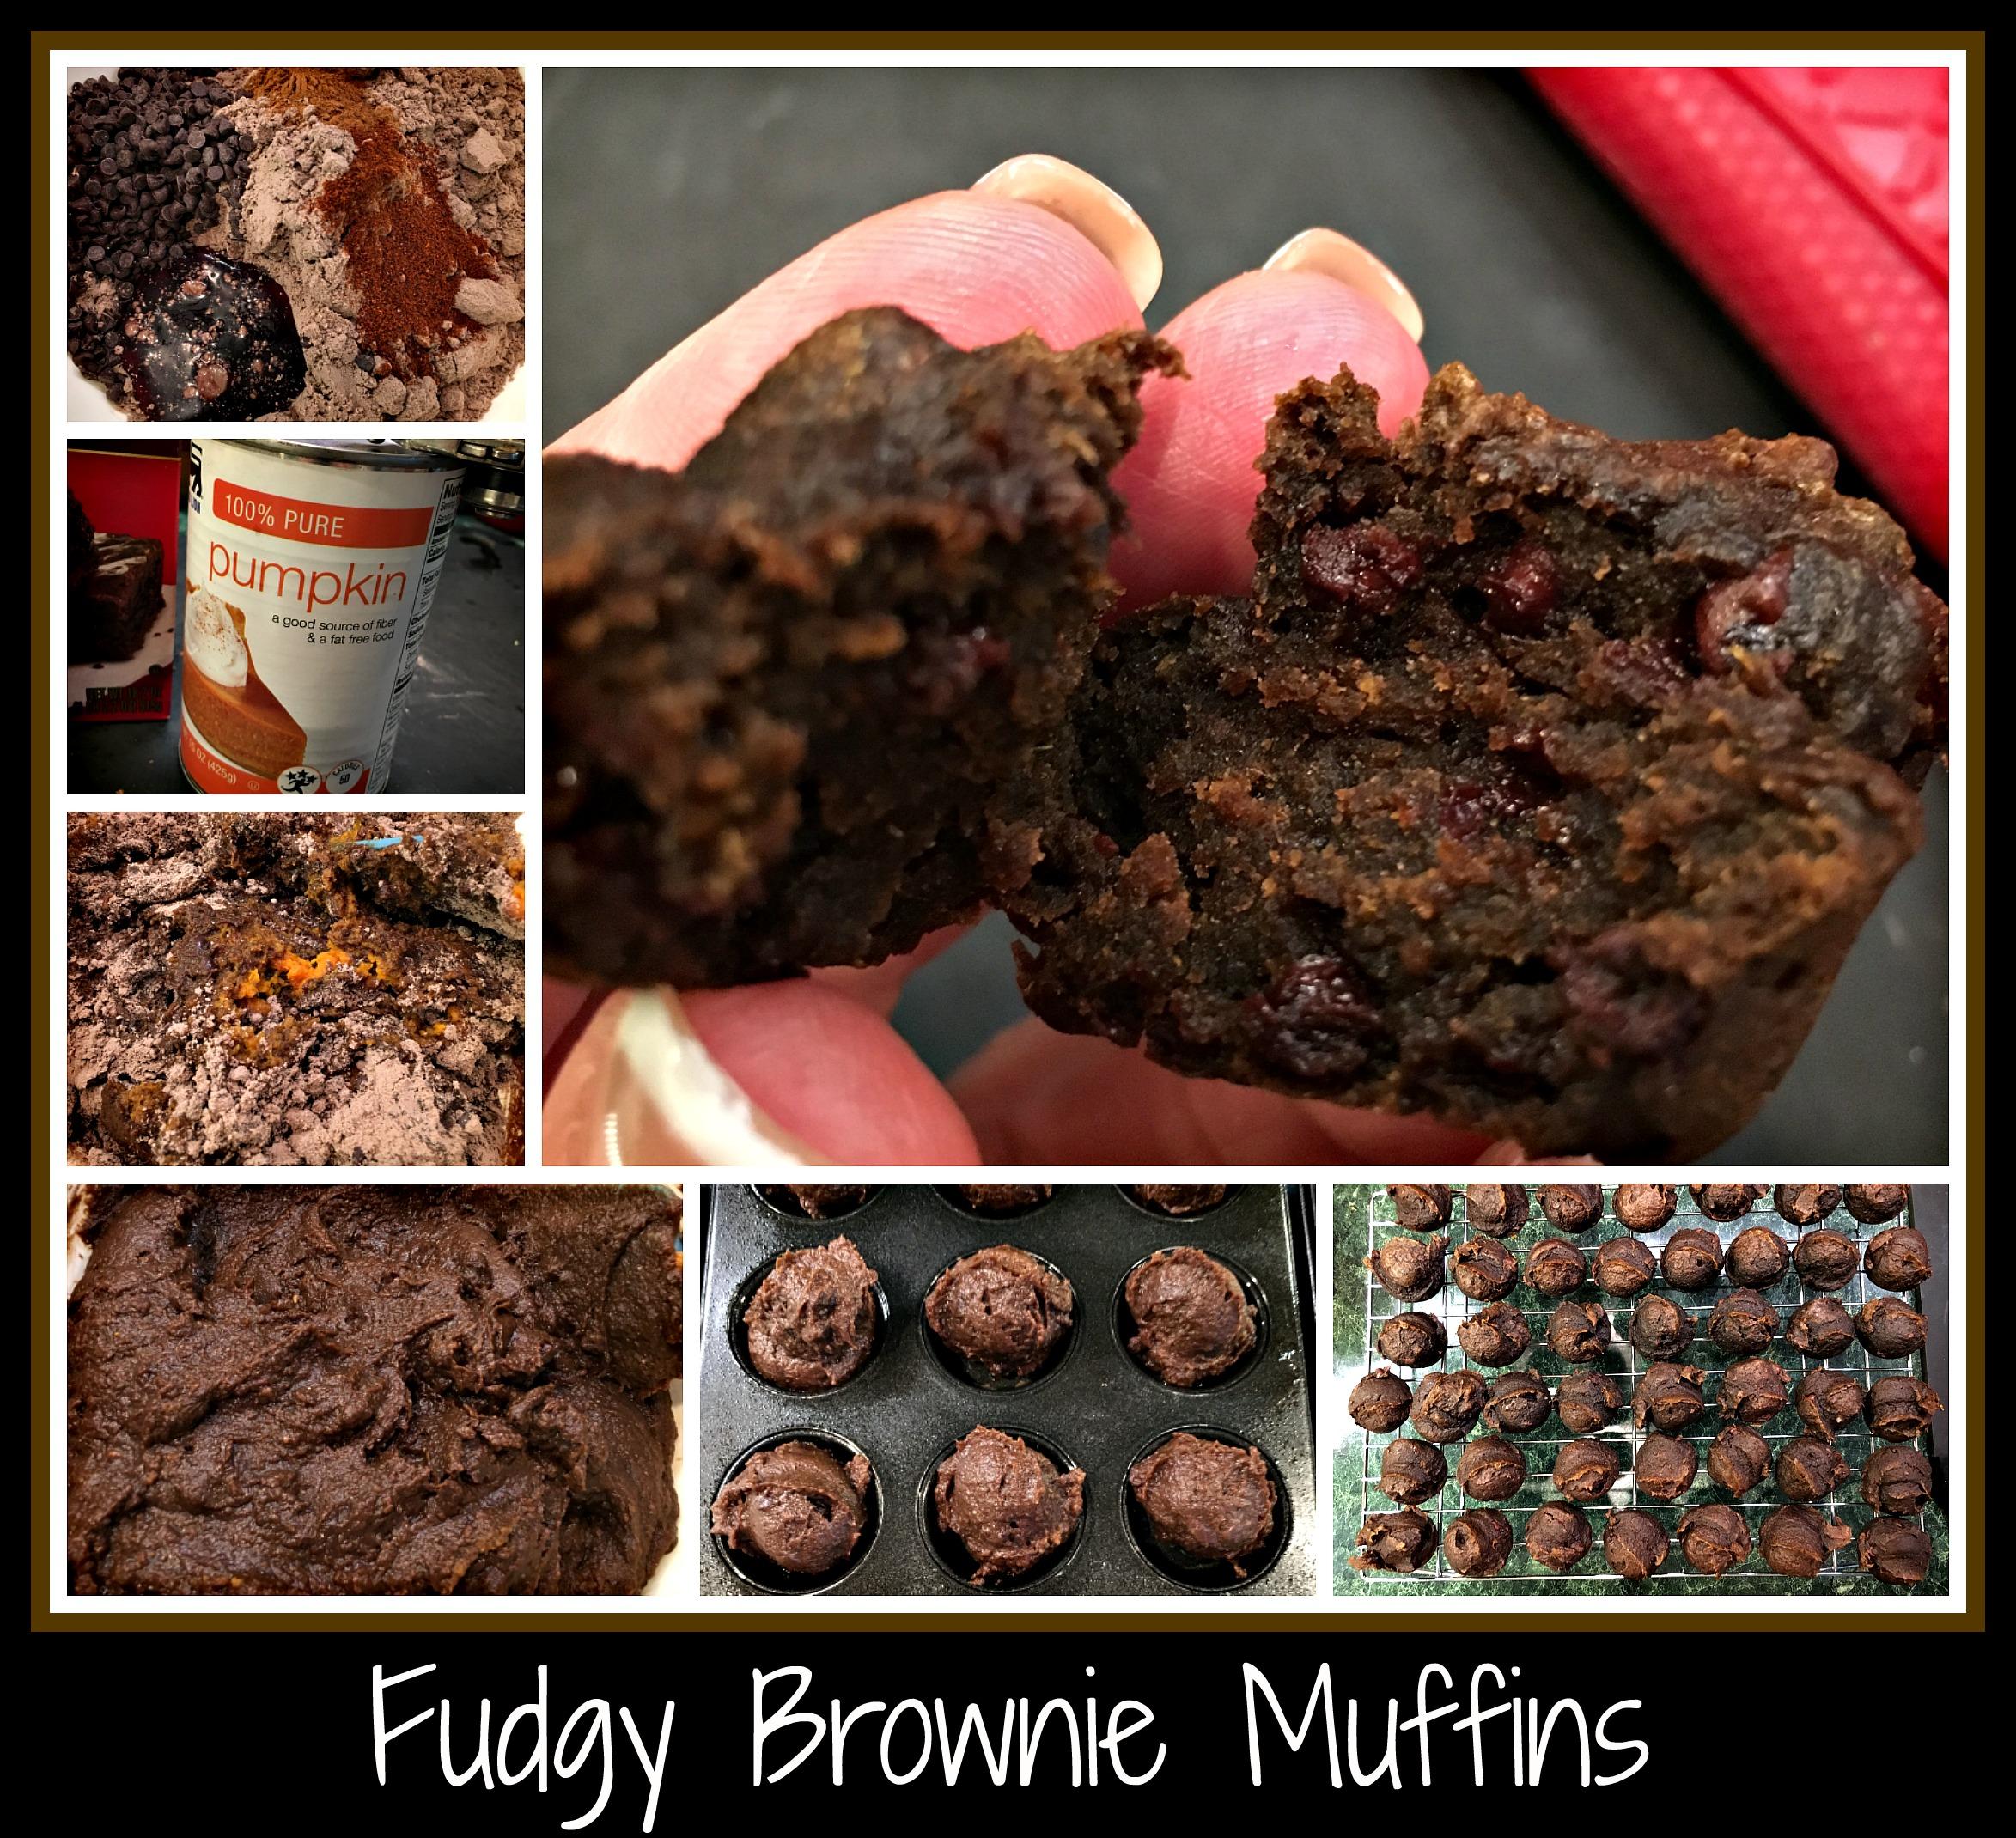 fudgybrowniemuffins